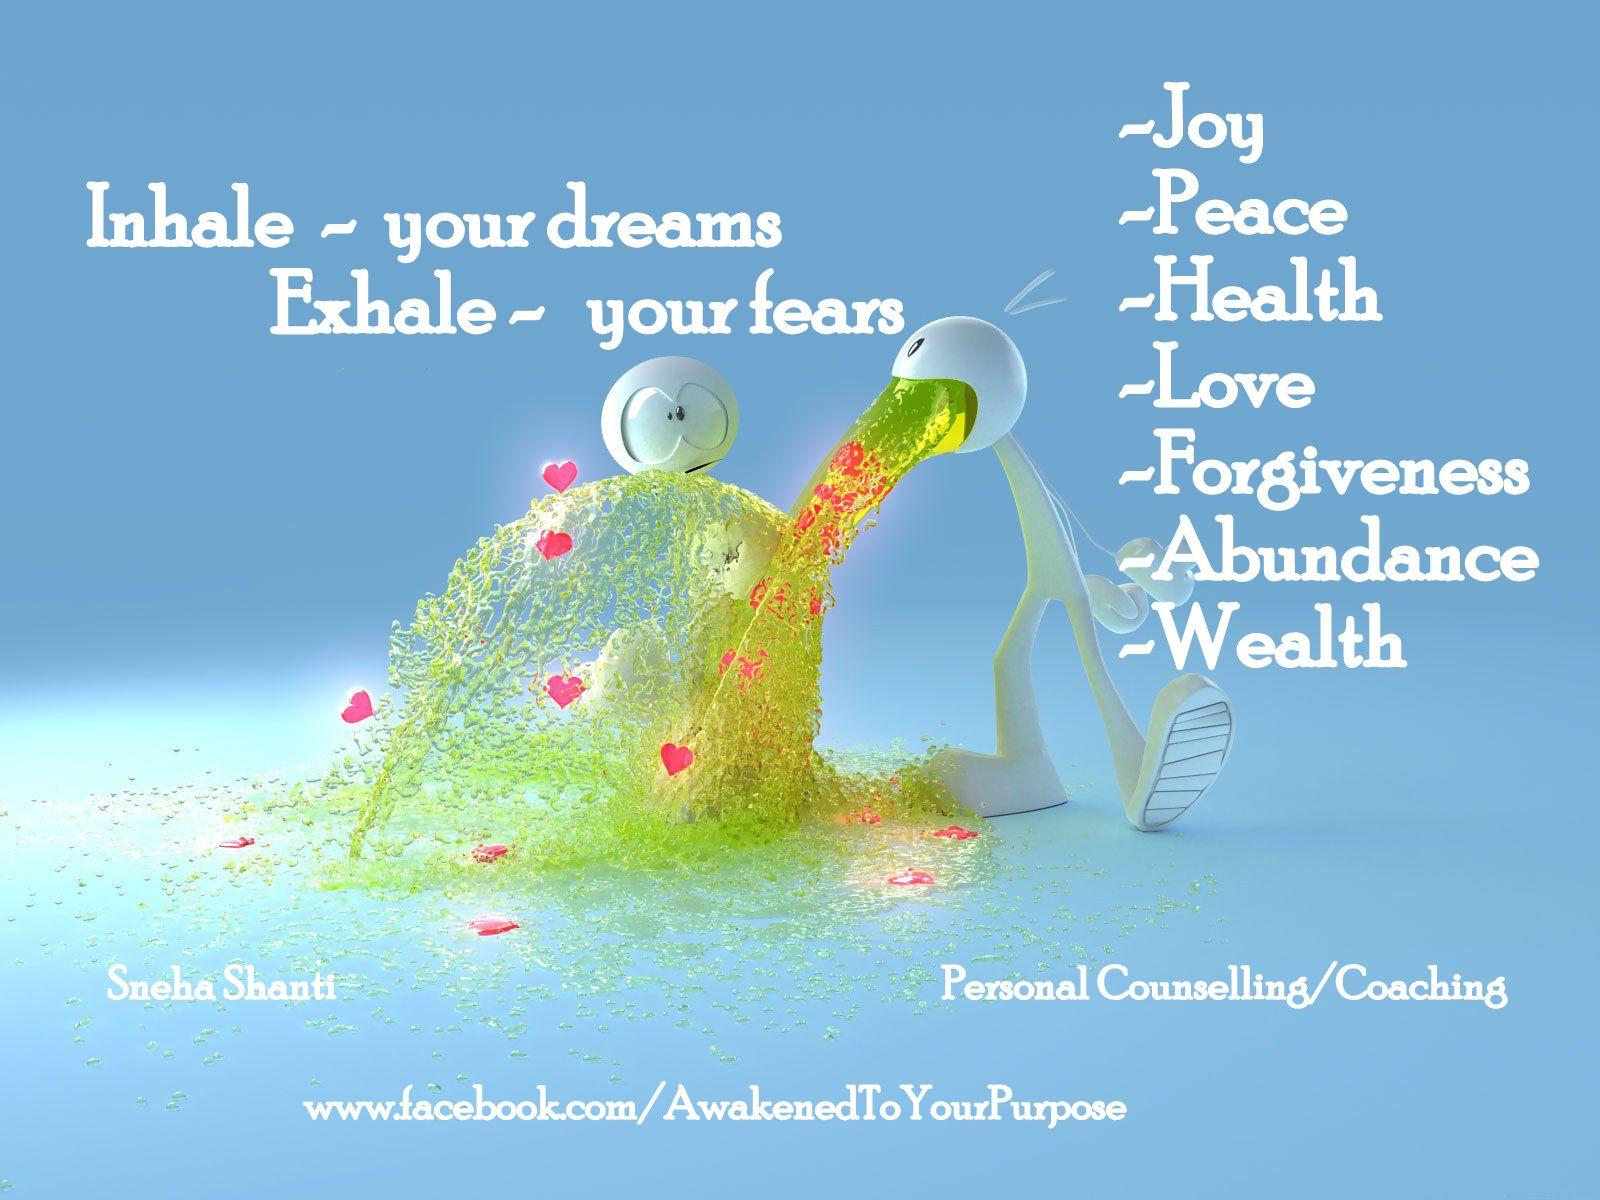 EXHALE  -  I release and INHALE  -  I allow -Joy -Peace -Health -Love -Forgiveness -Abundance -Wealth